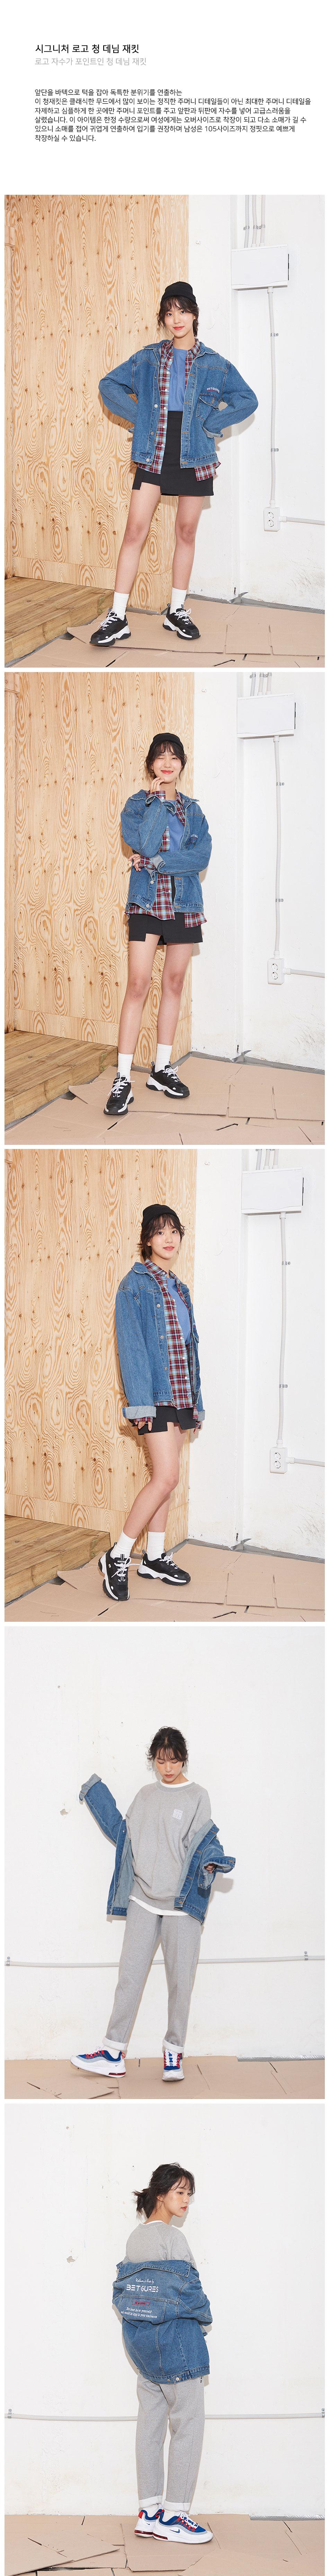 1시그니처-로고-청-데님-재킷_02.jpg